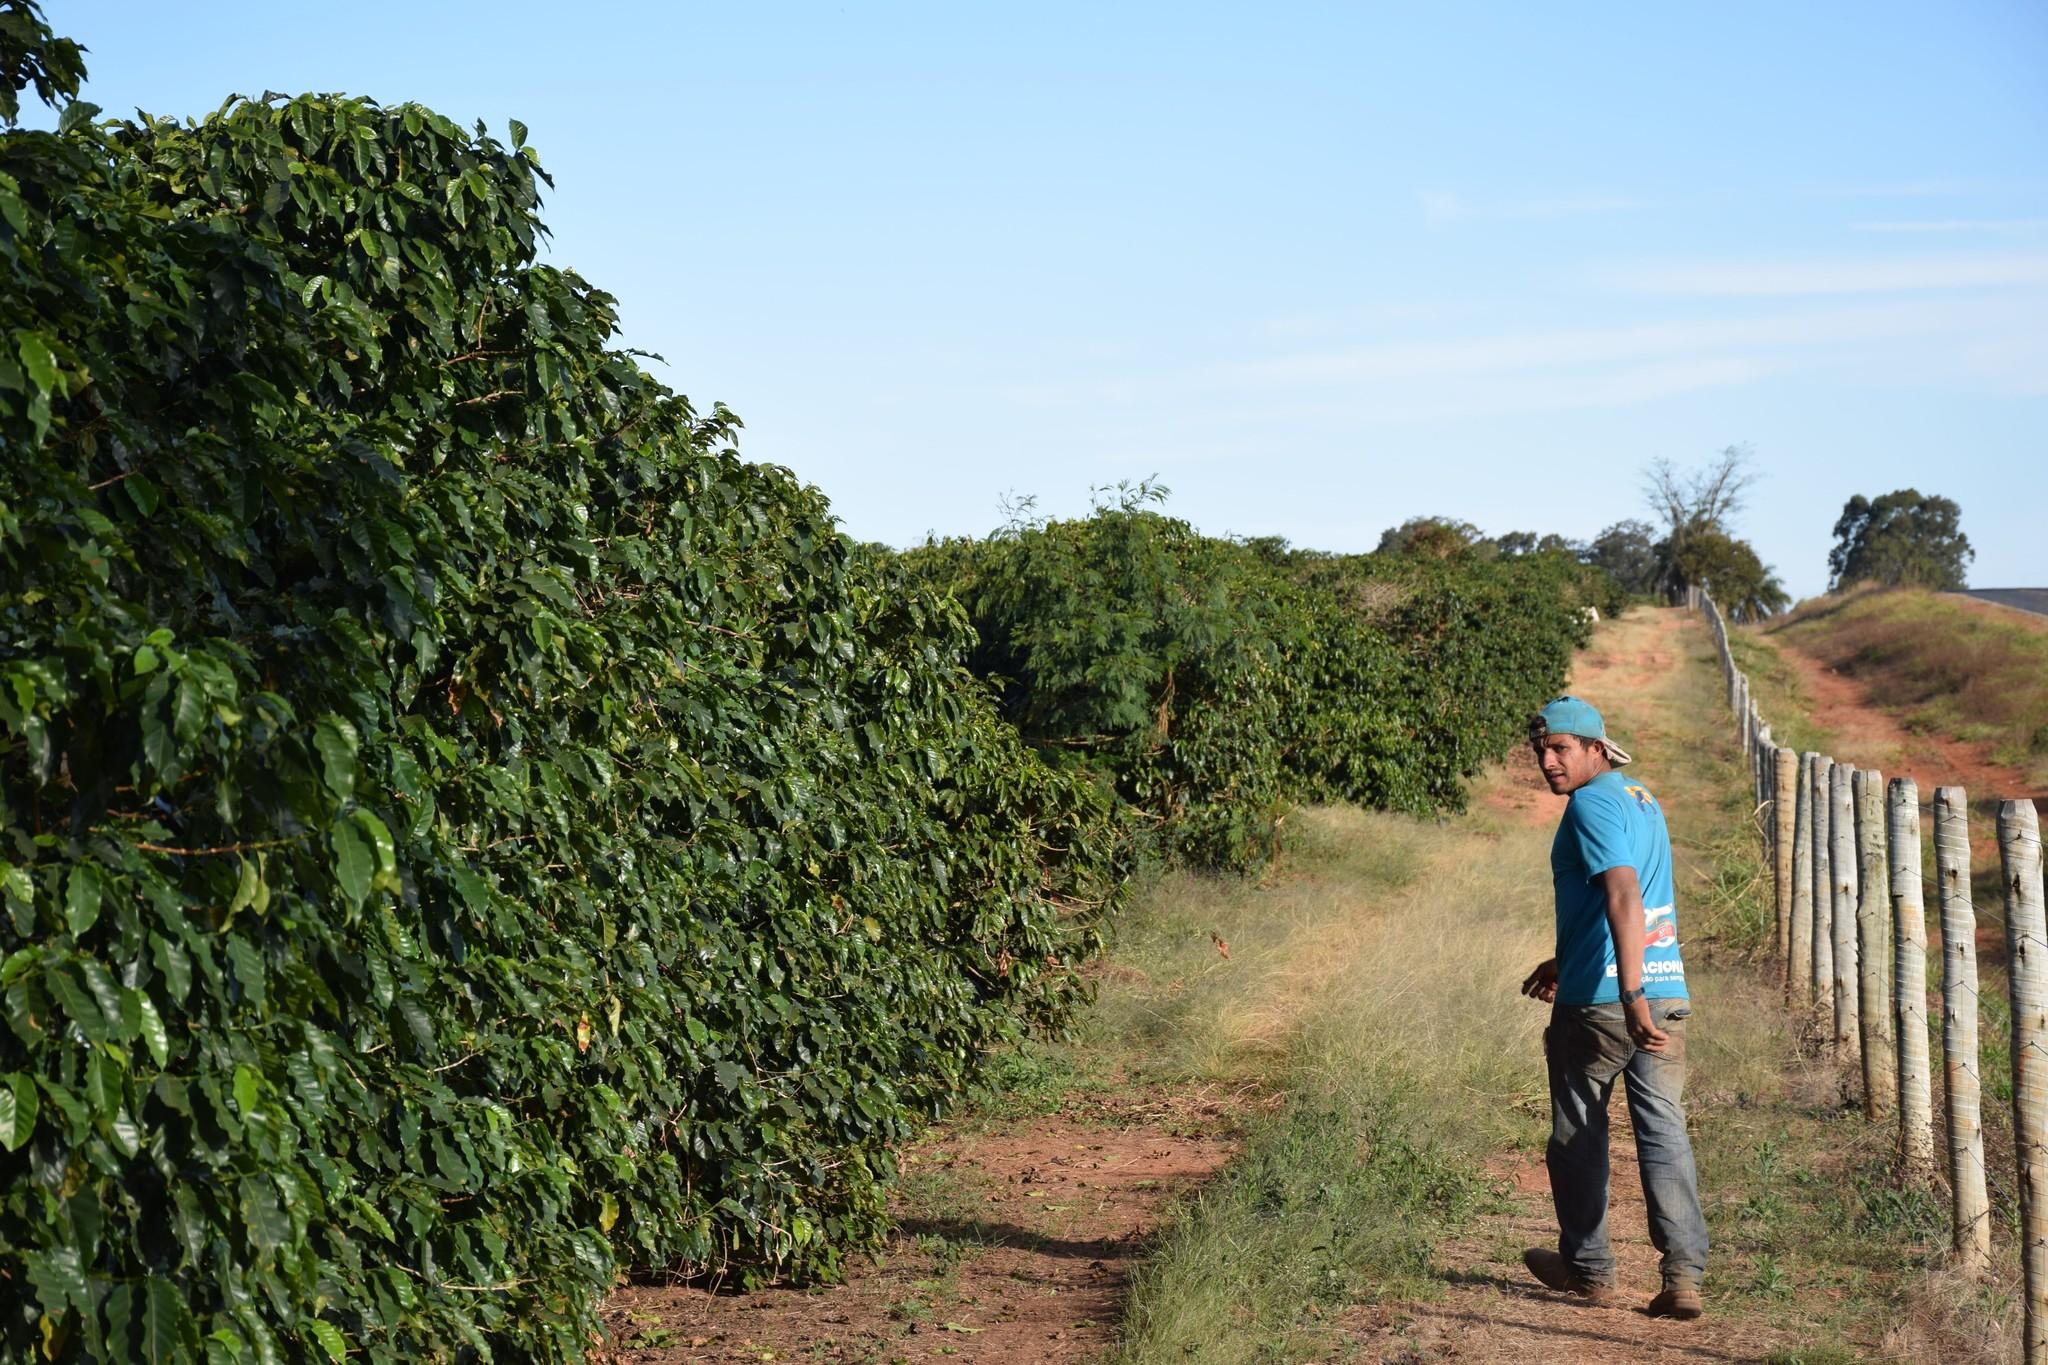 Eerste rechtstreekse aankoop bij lokale koffieboer in Cerrado Mineiro, Brazilië